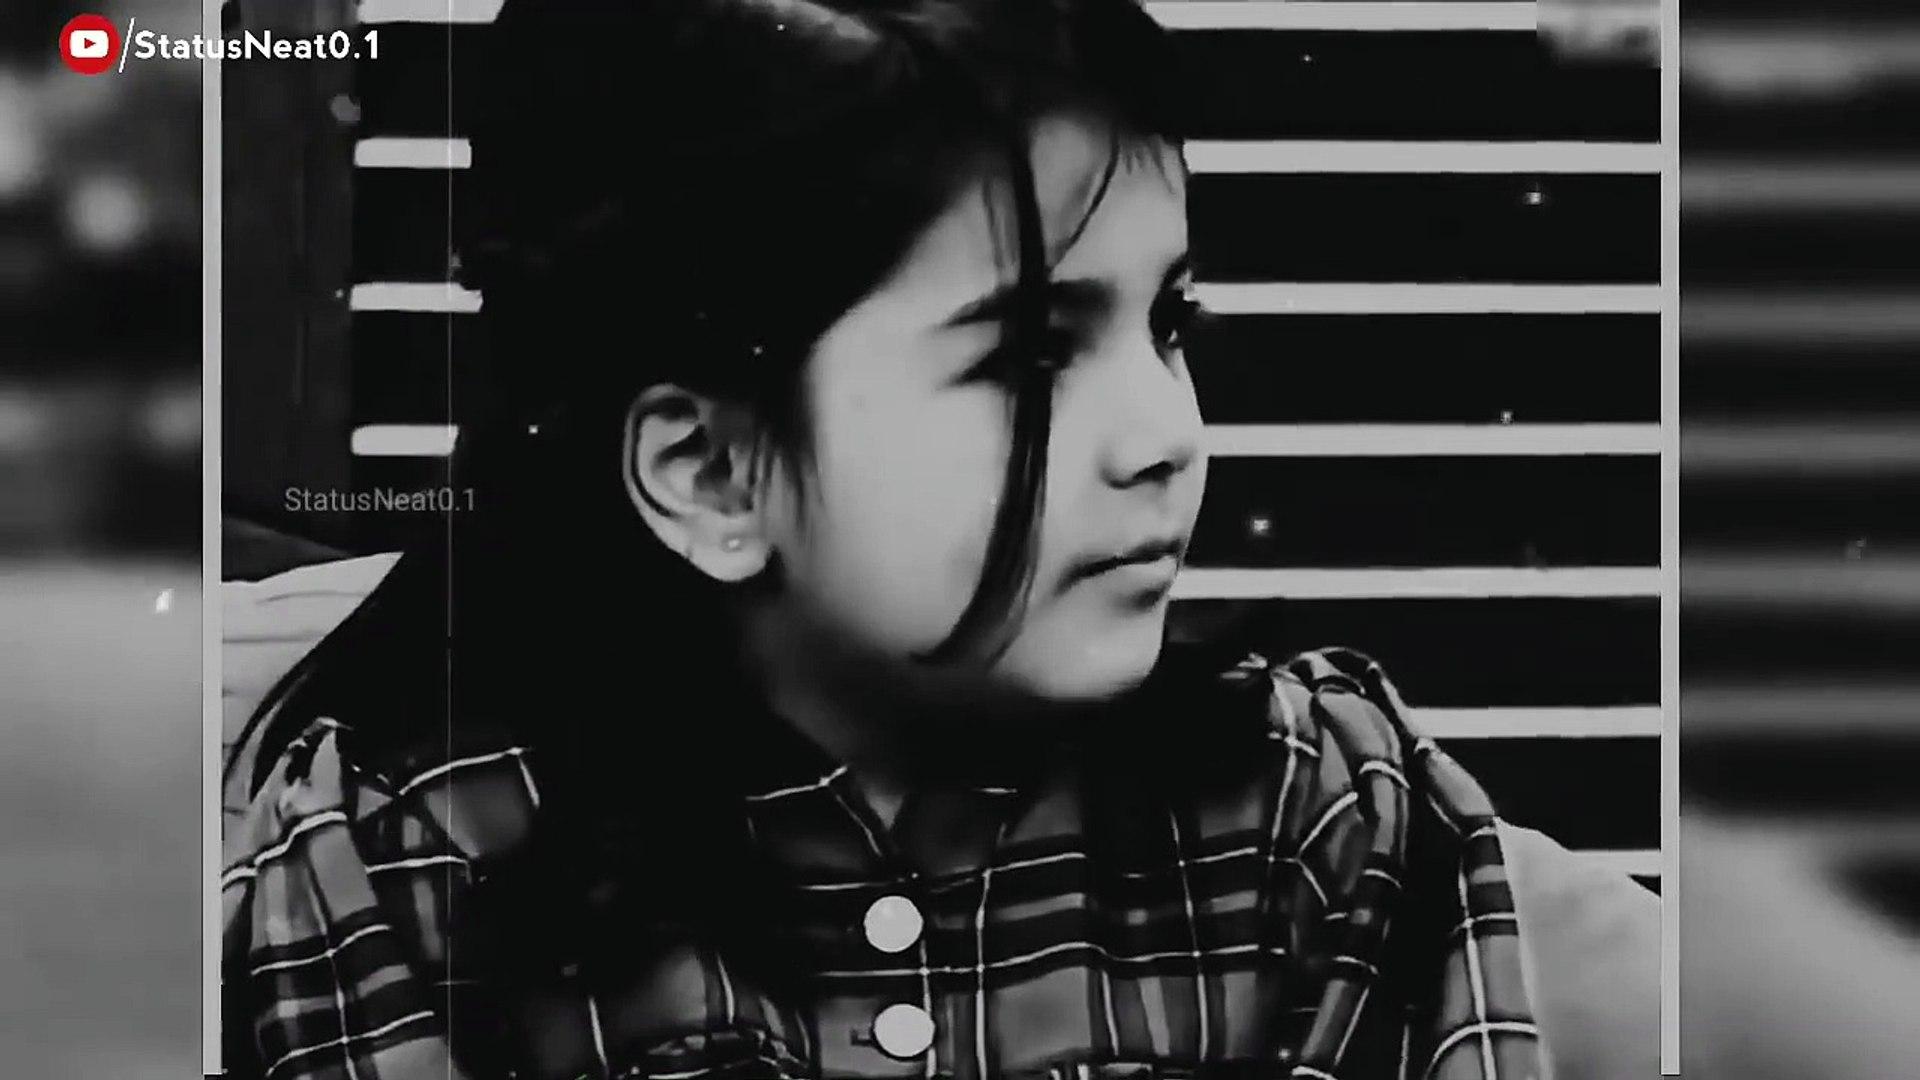 Broken Heart Shayari Status - Heart Touching Shayari Status - Sad Shayari Status